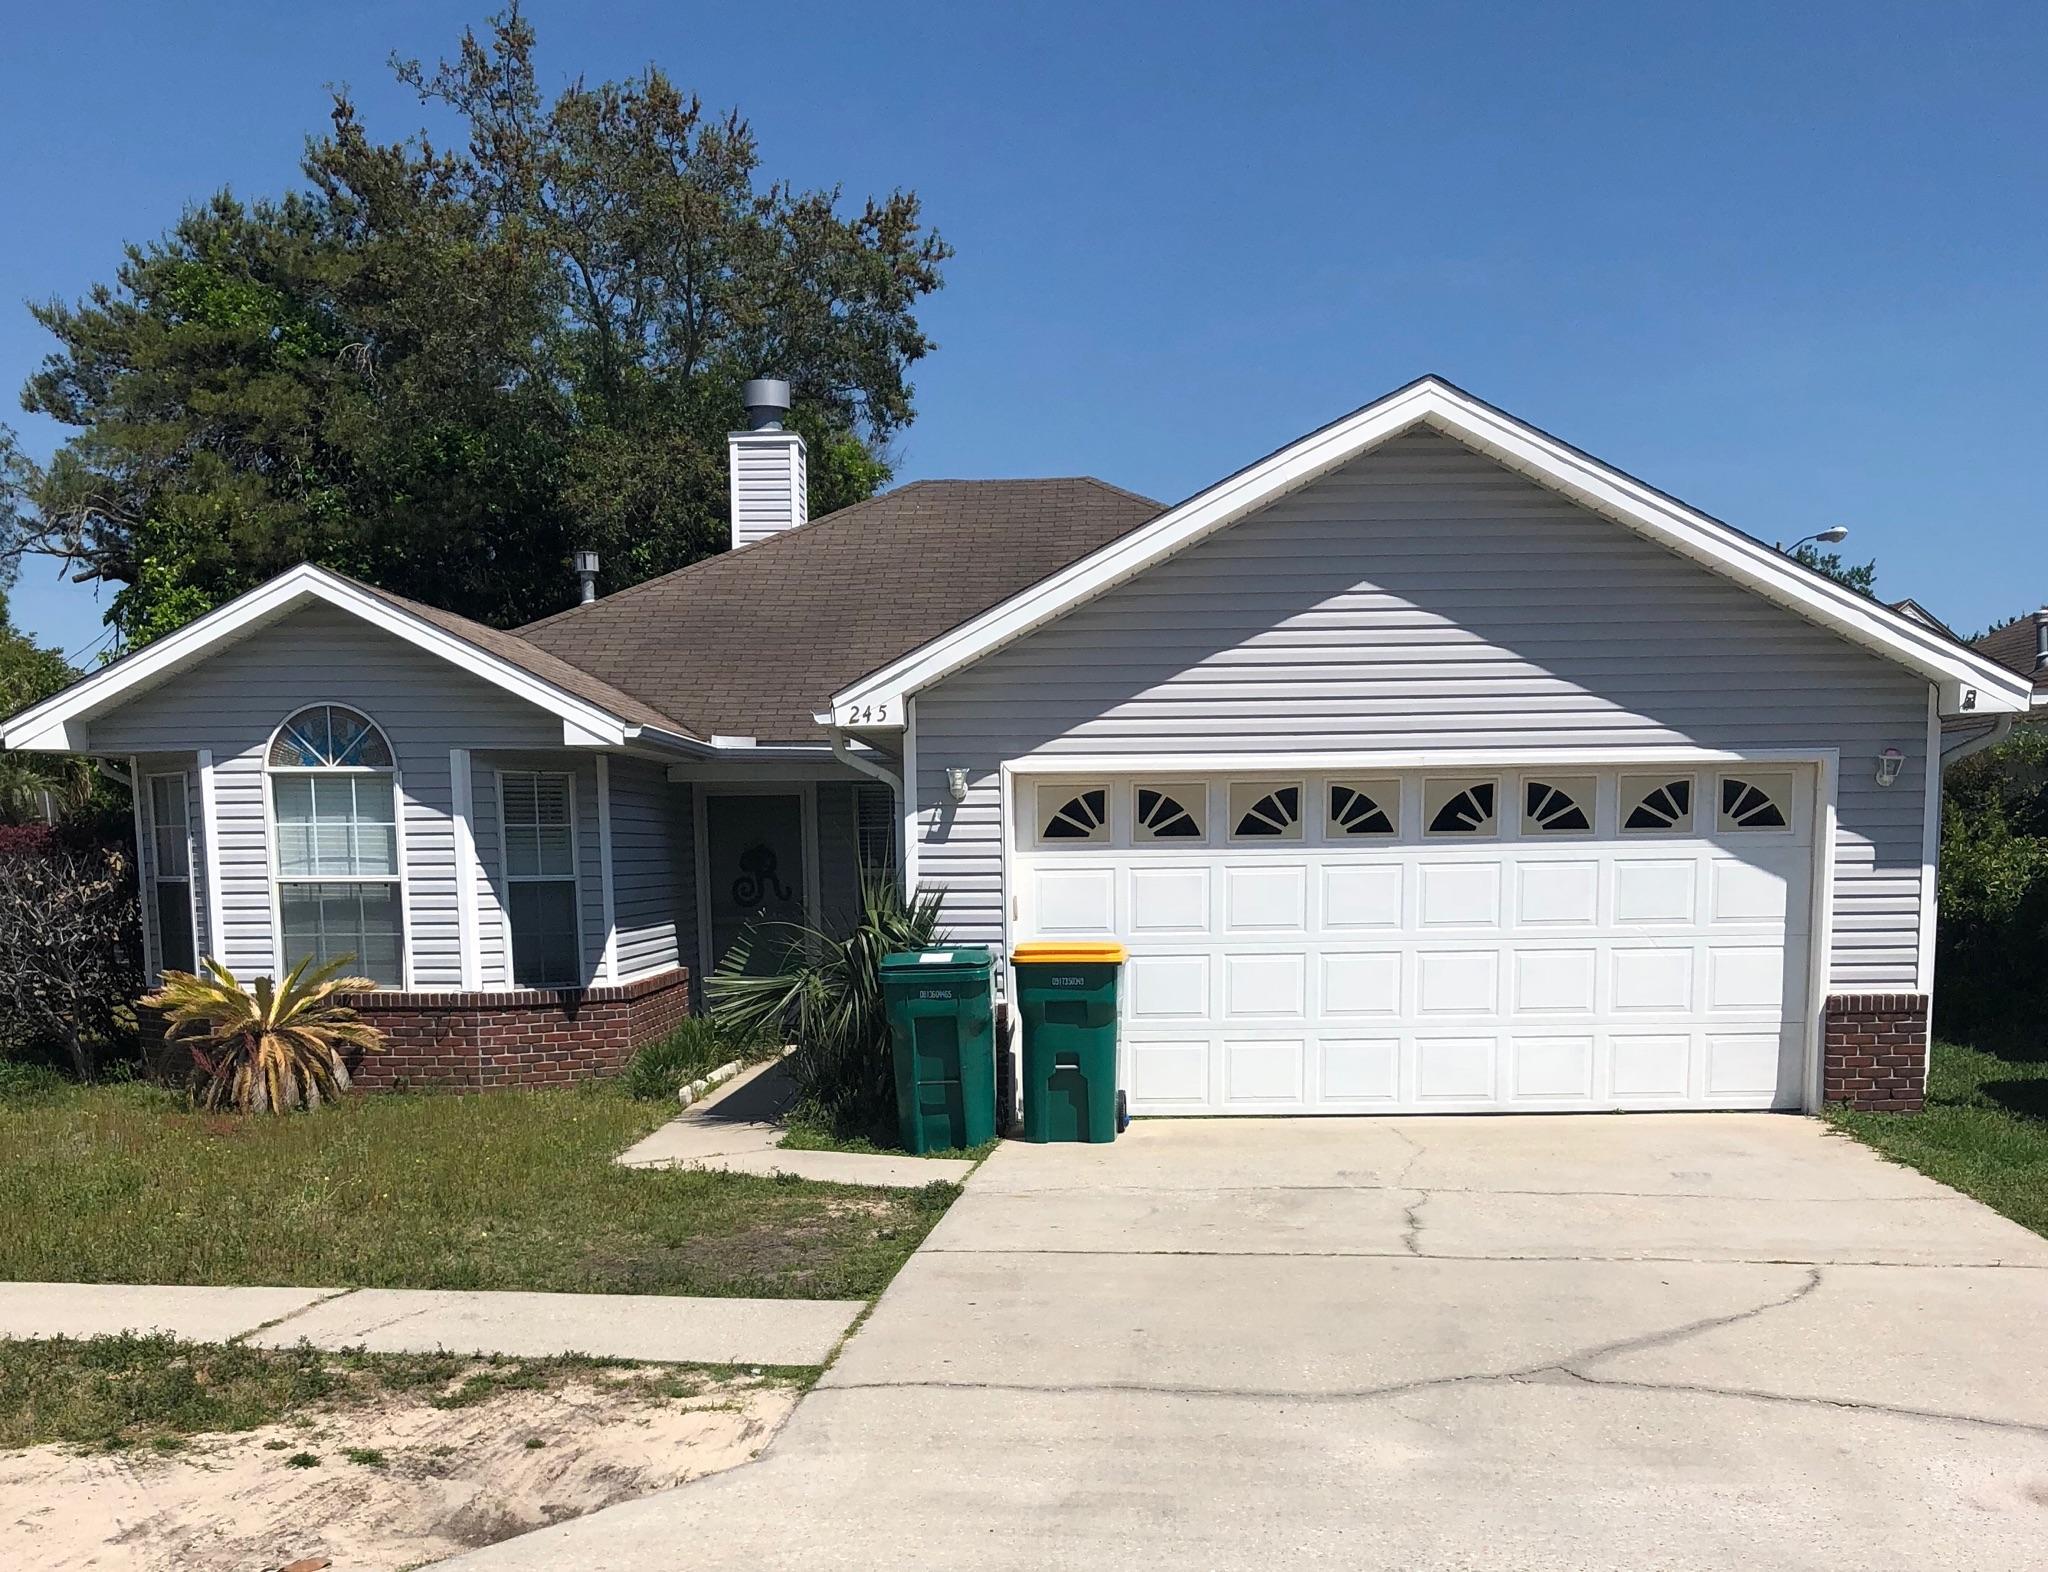 Photo of home for sale at 245 Nautica, Destin FL